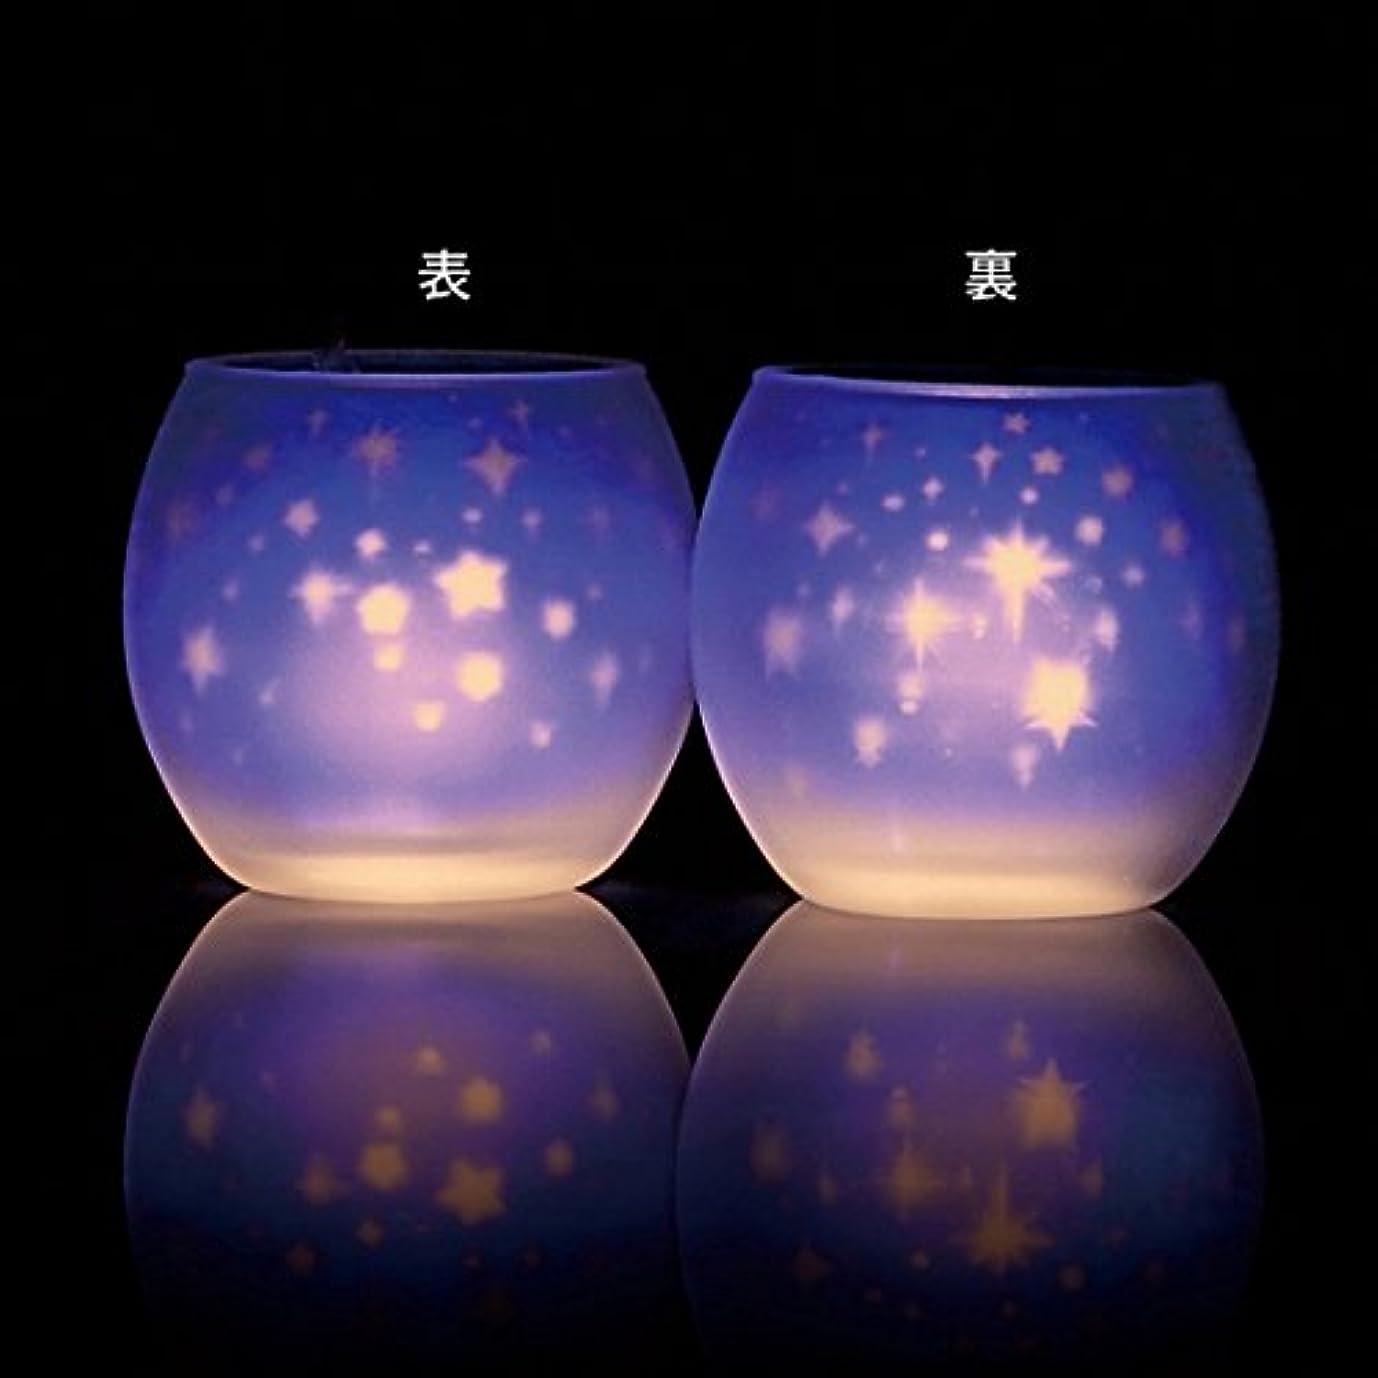 実証する教科書セットするカメヤマキャンドル(kameyama candle) ファインシルエットグラス【日本製キャンドル4個付き】 「 スターダスト 」